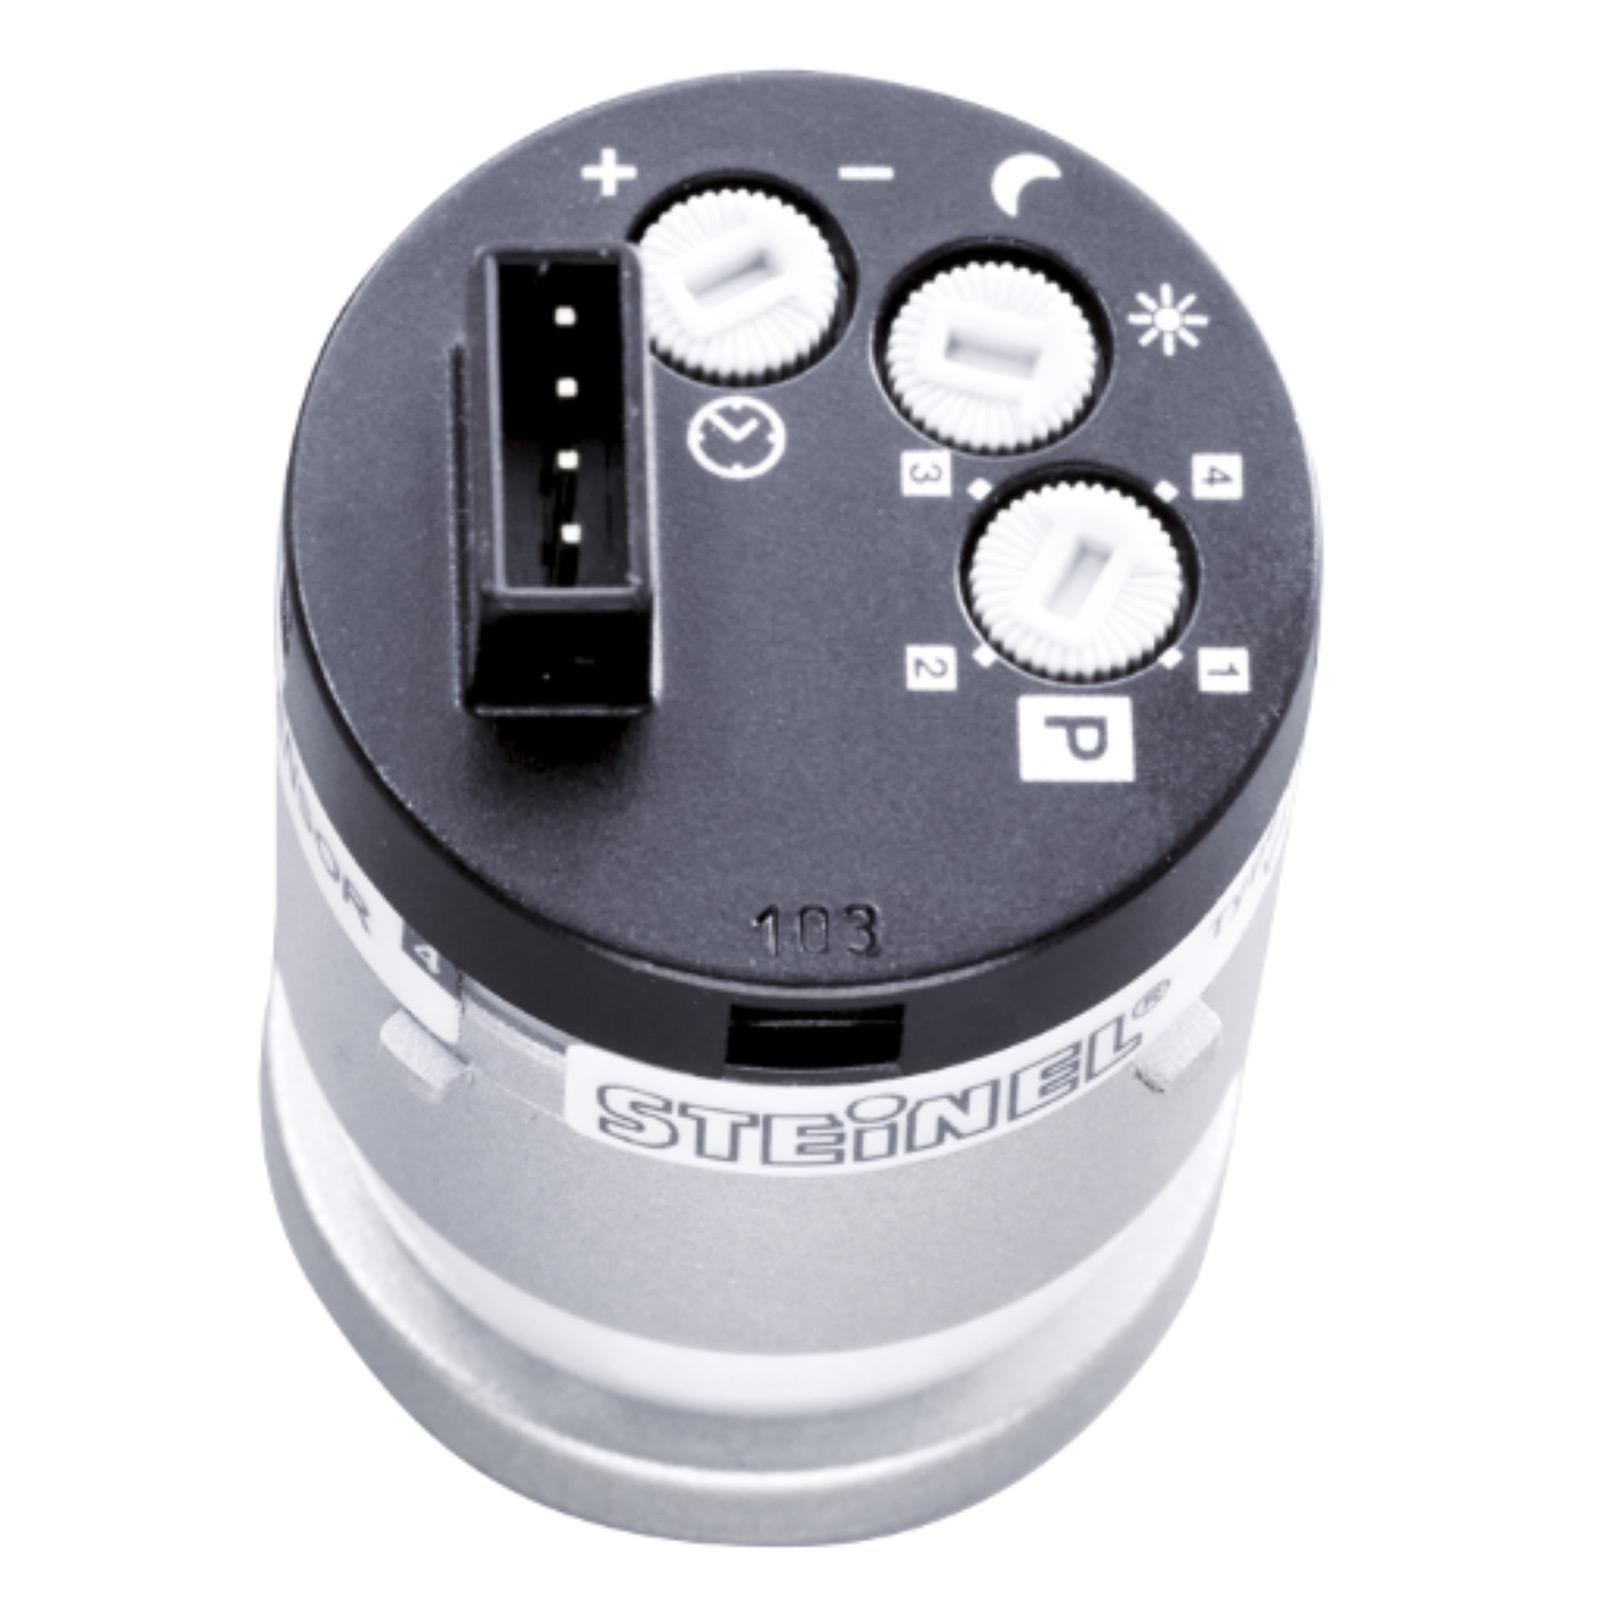 STEINEL erstatning-minisensor, sølv